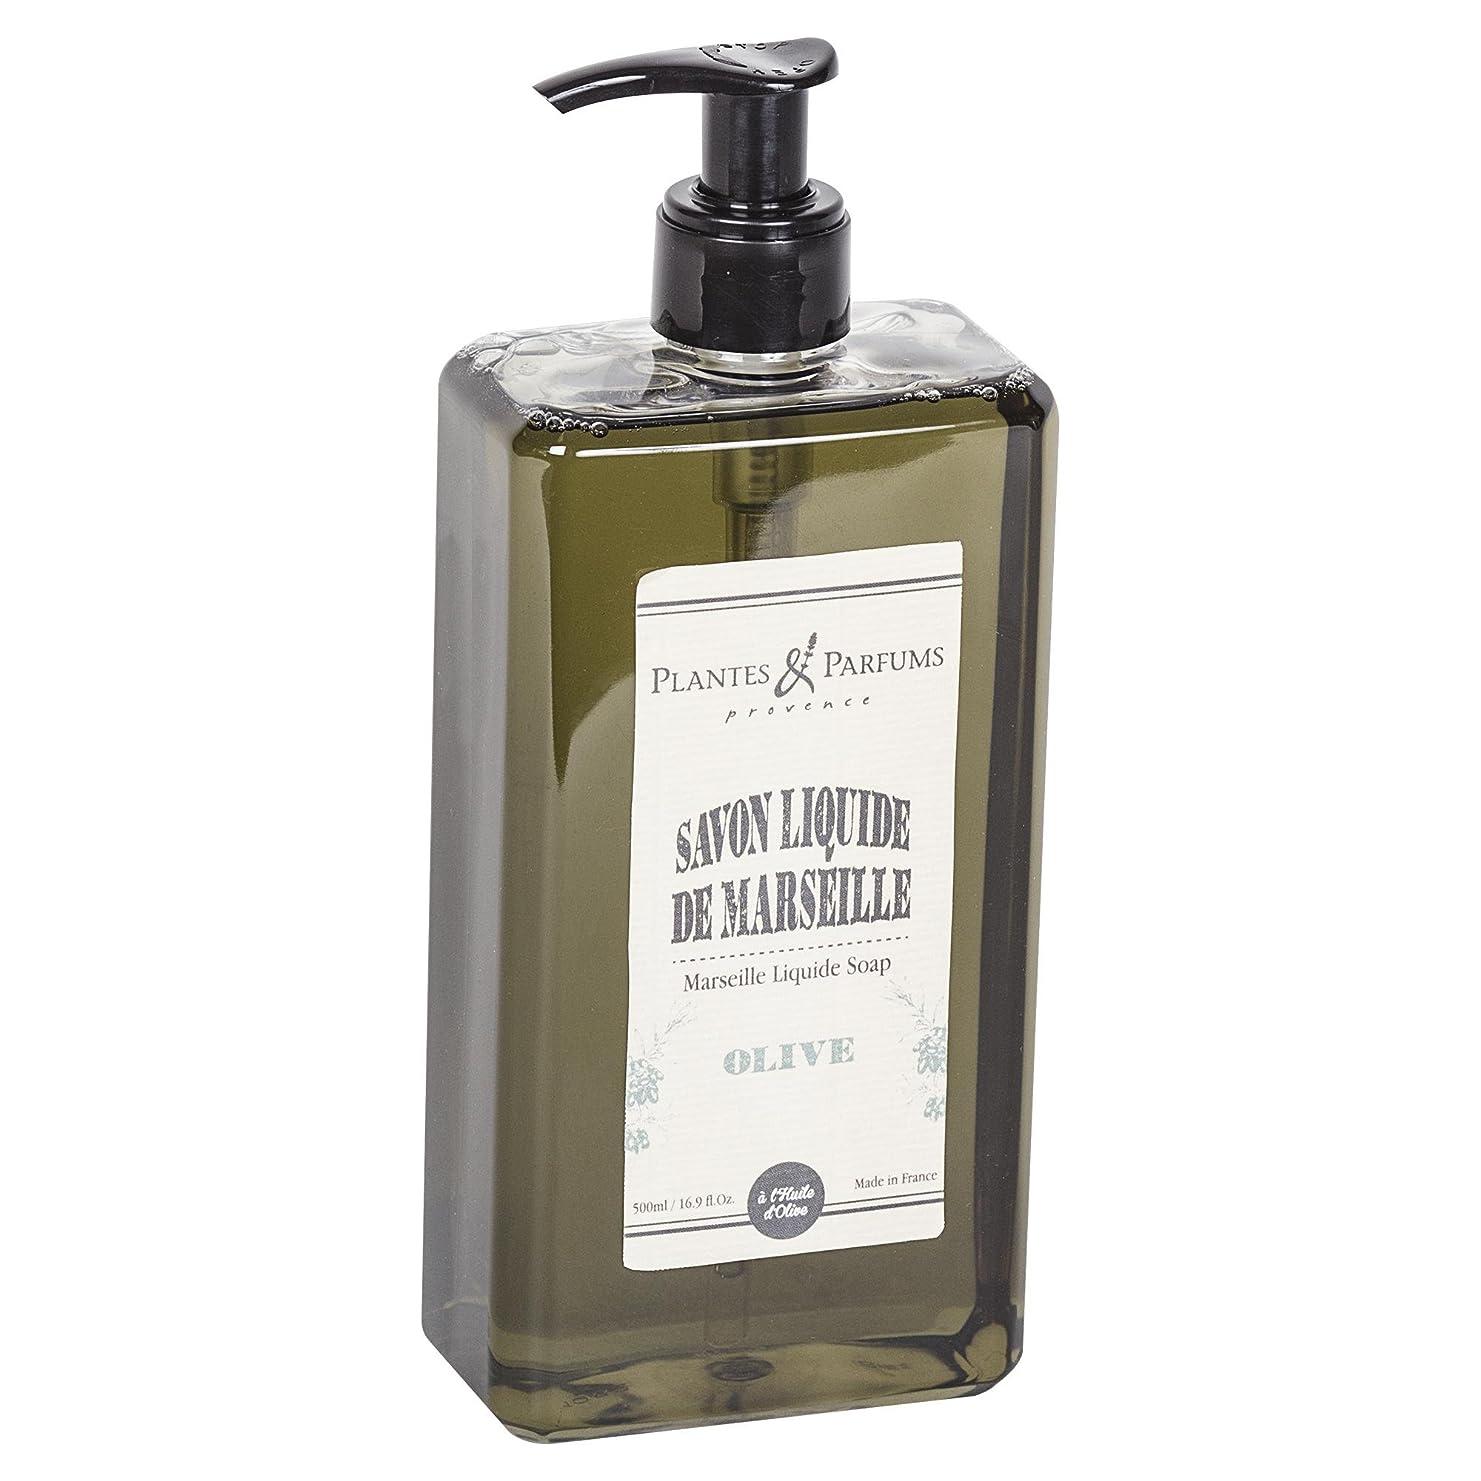 管理します満たすコイルPlantes&Parfums [プランツ&パルファム] マルセイユリキッドソープ オリーブ